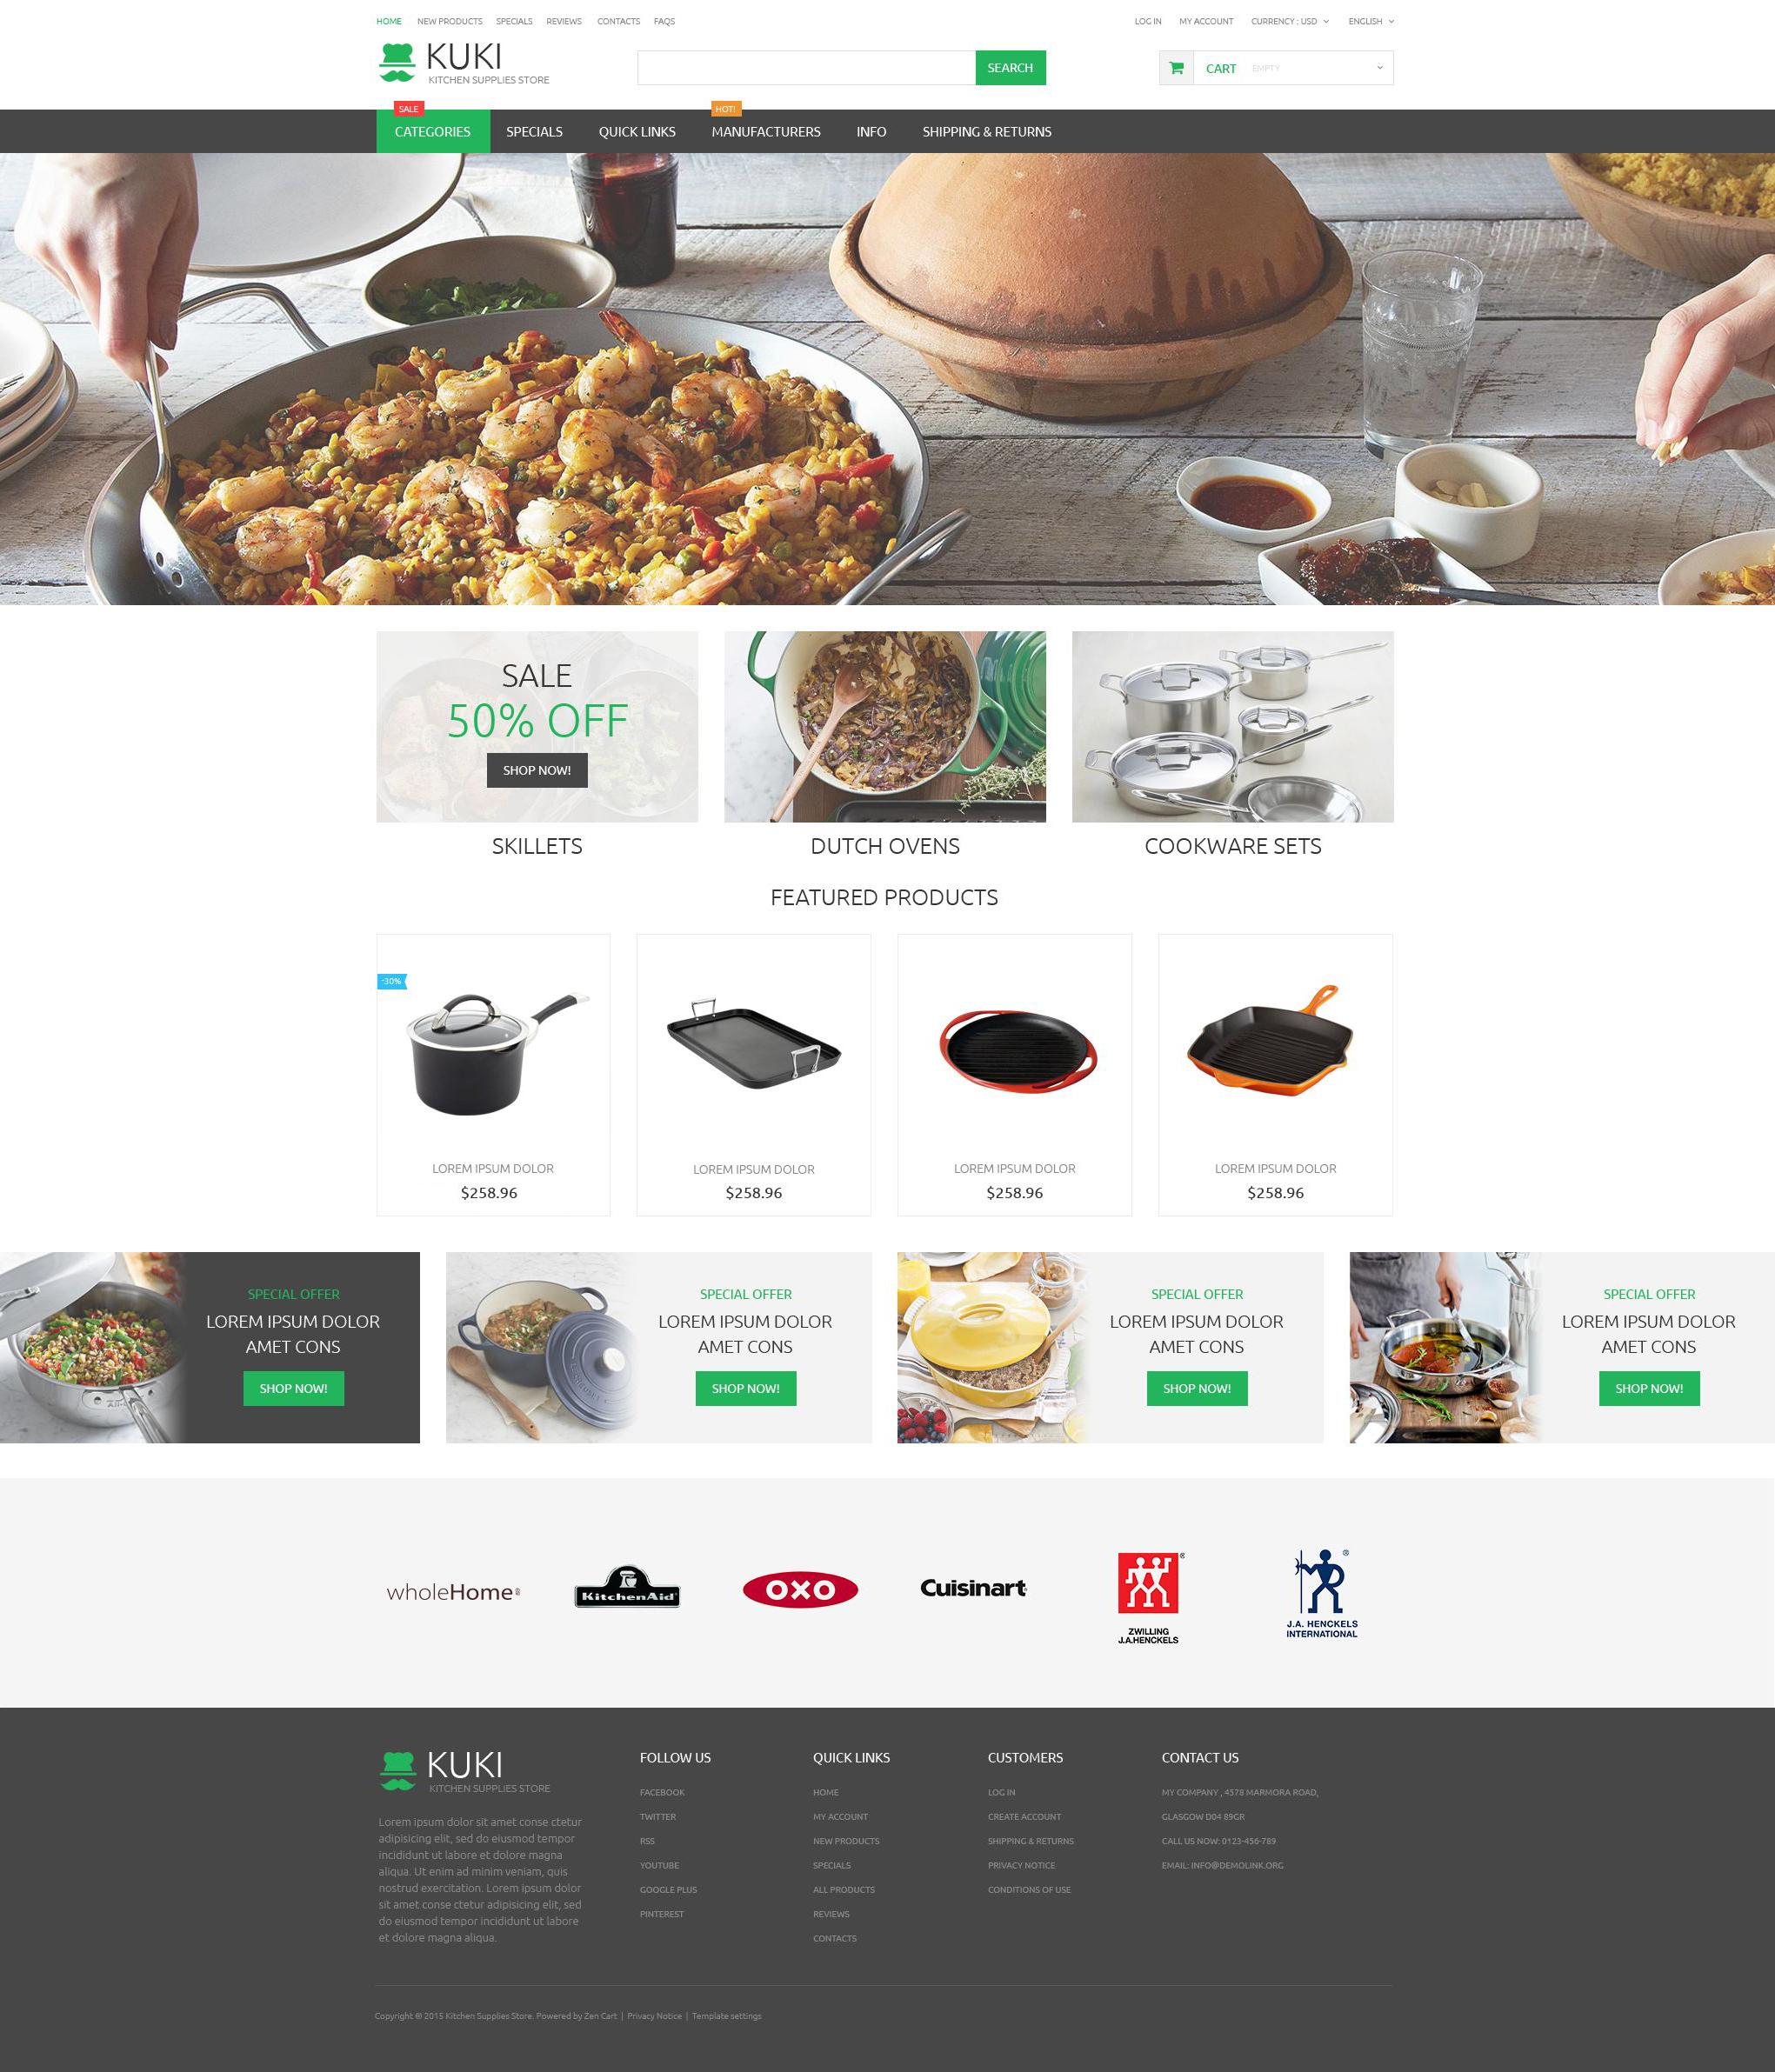 Plantilla ZenCart Responsive para Sitio de Tienda de Artículos para el Hogar #55145 - captura de pantalla